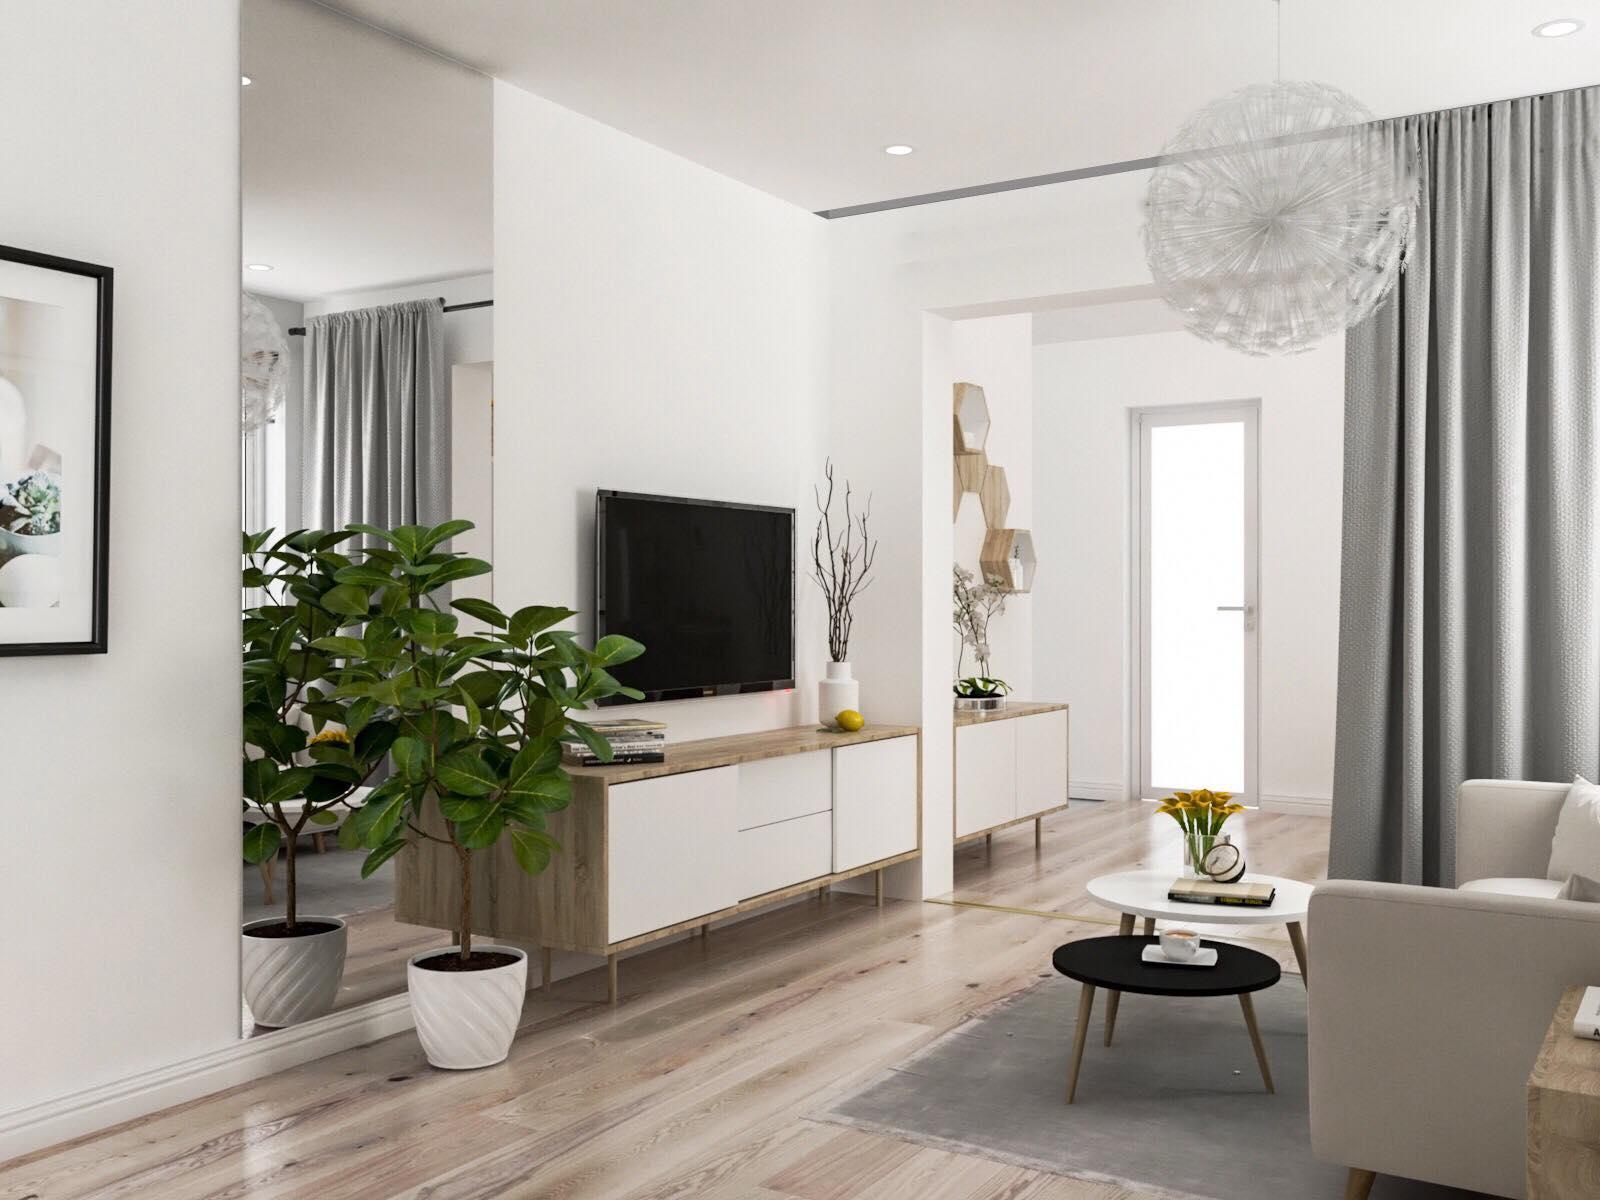 Tư vấn thiết kế cải tạo căn hộ tập thể 50m² với tổng chi phí 180 triệu đồng - Ảnh 9.